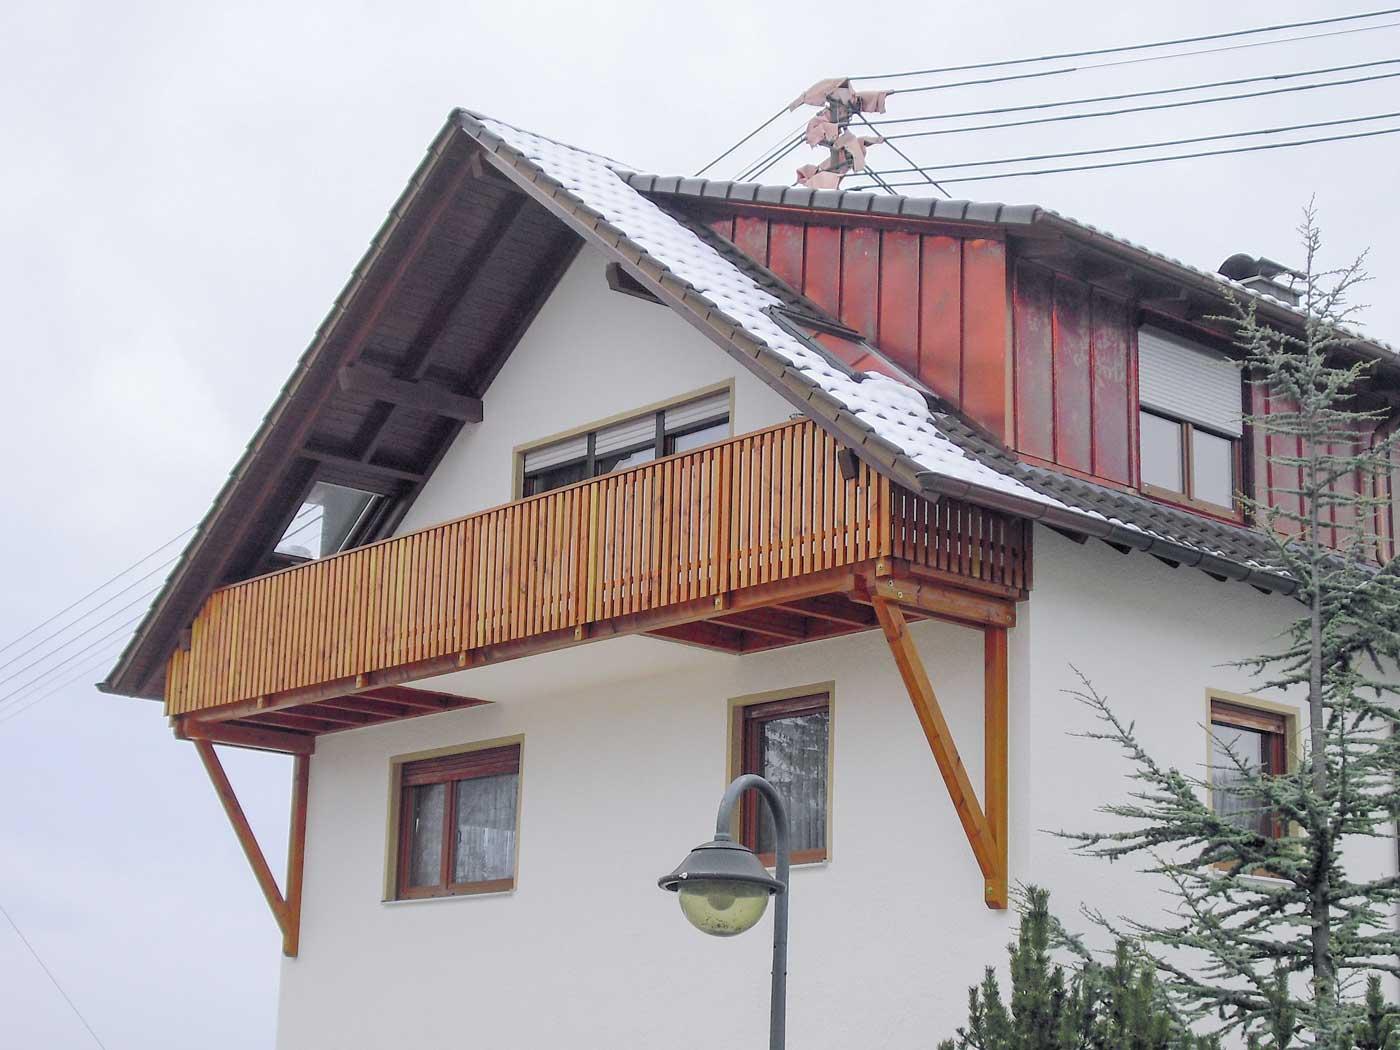 kleih-holzbau-balkone